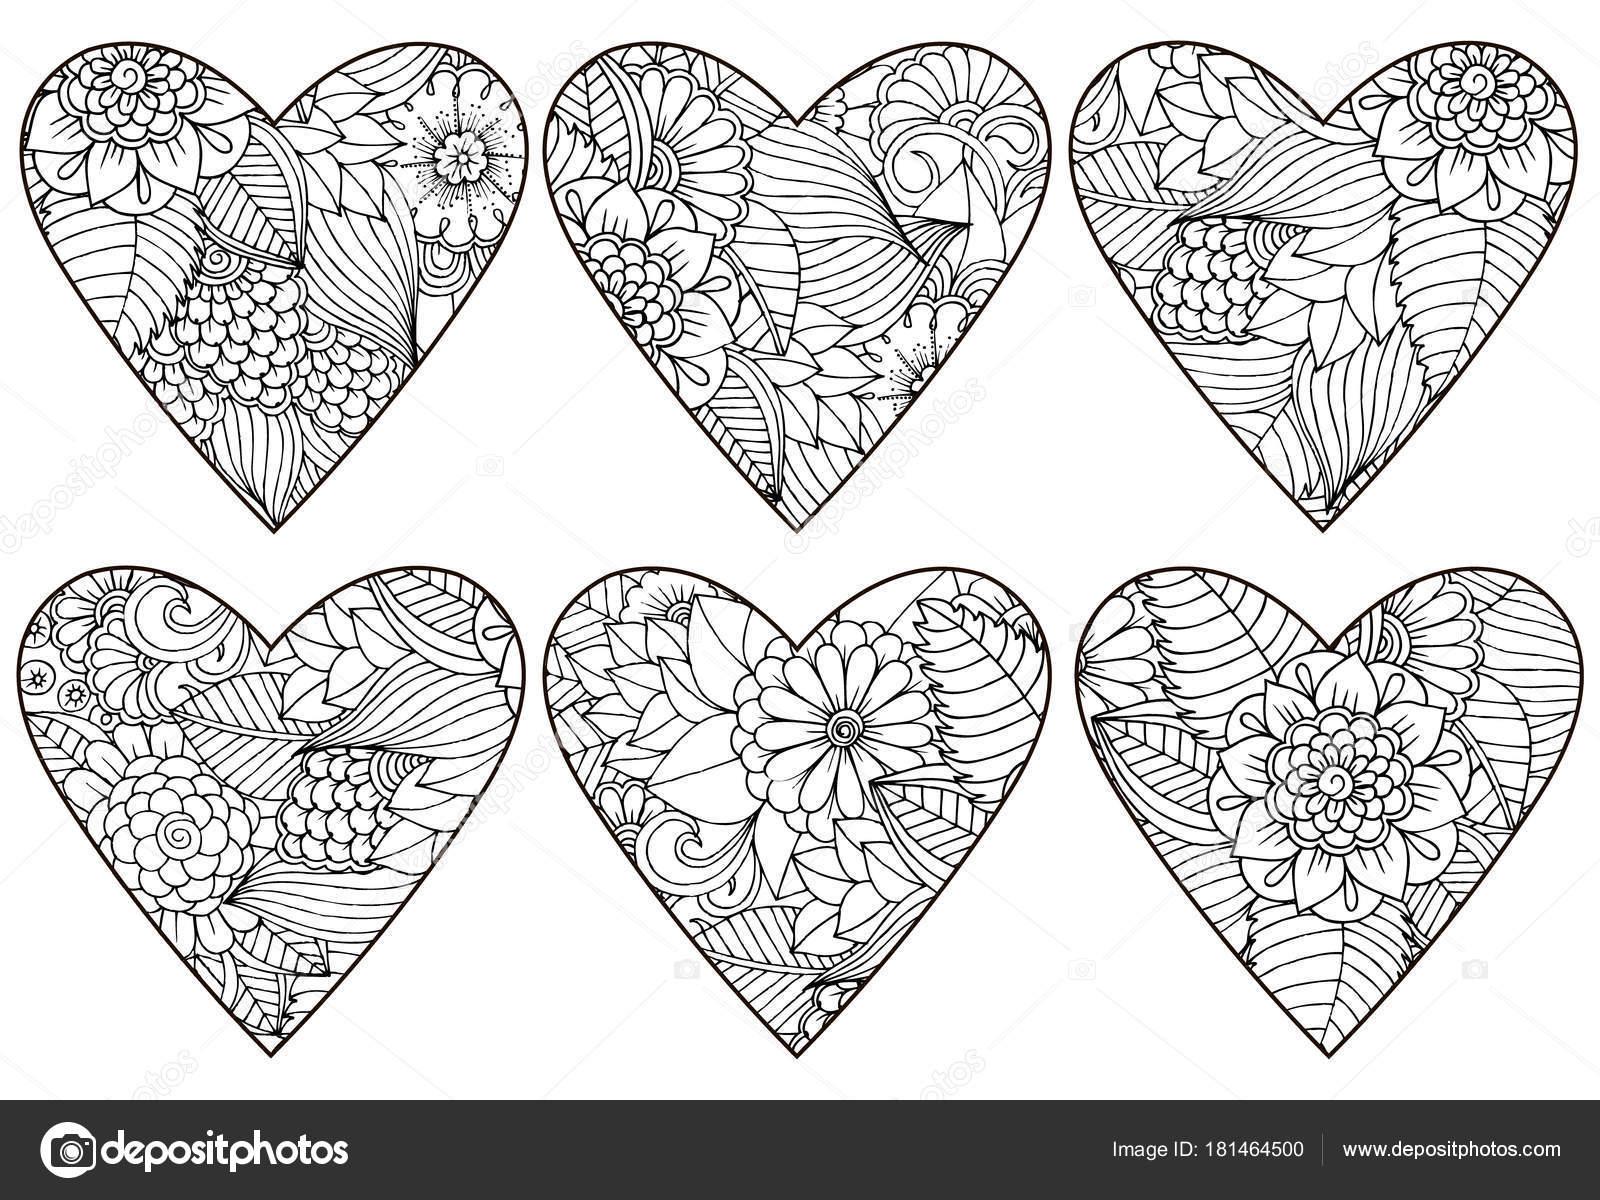 Vektör Kalplerinde çiçek Kalıbı Tanımlar Stok Vektör Emila1604